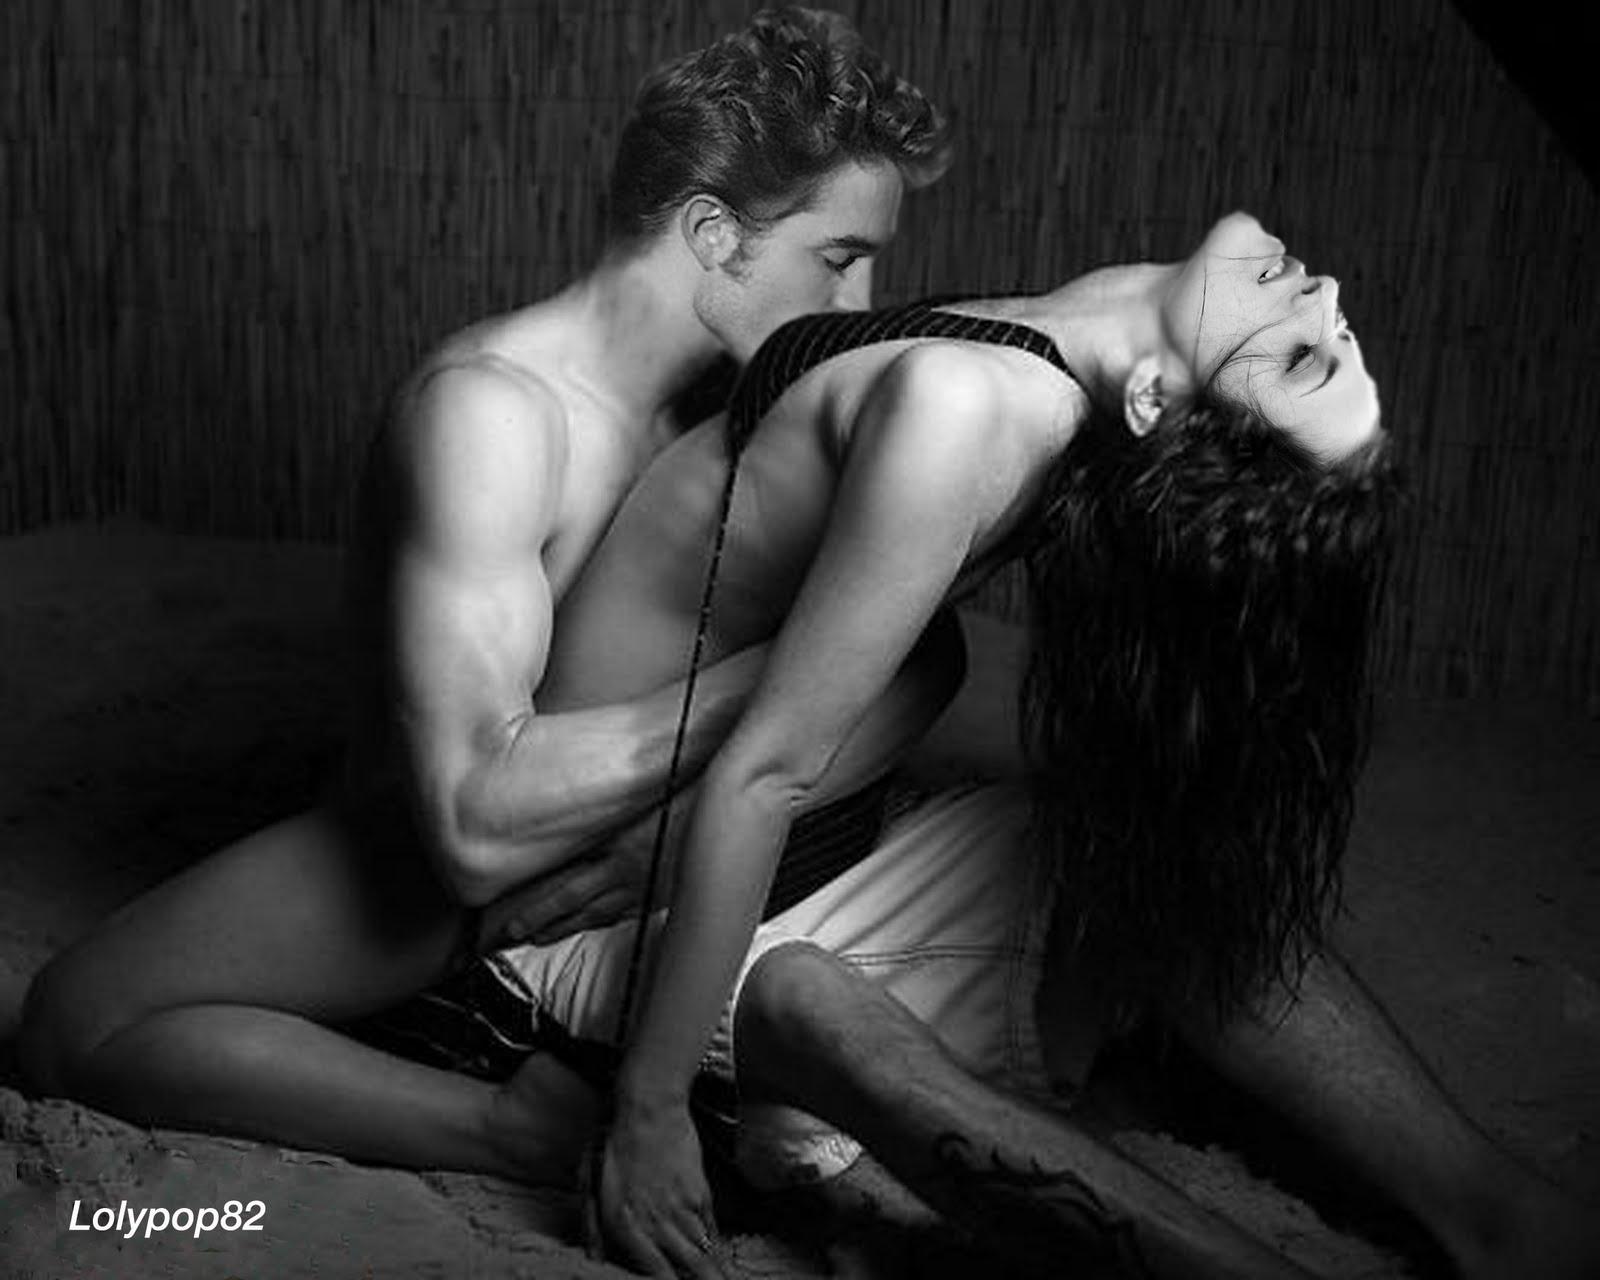 Эротика фото мужчина с женщиной, Обнаженные мужчины и женщины без одежды (эротика) 3 фотография